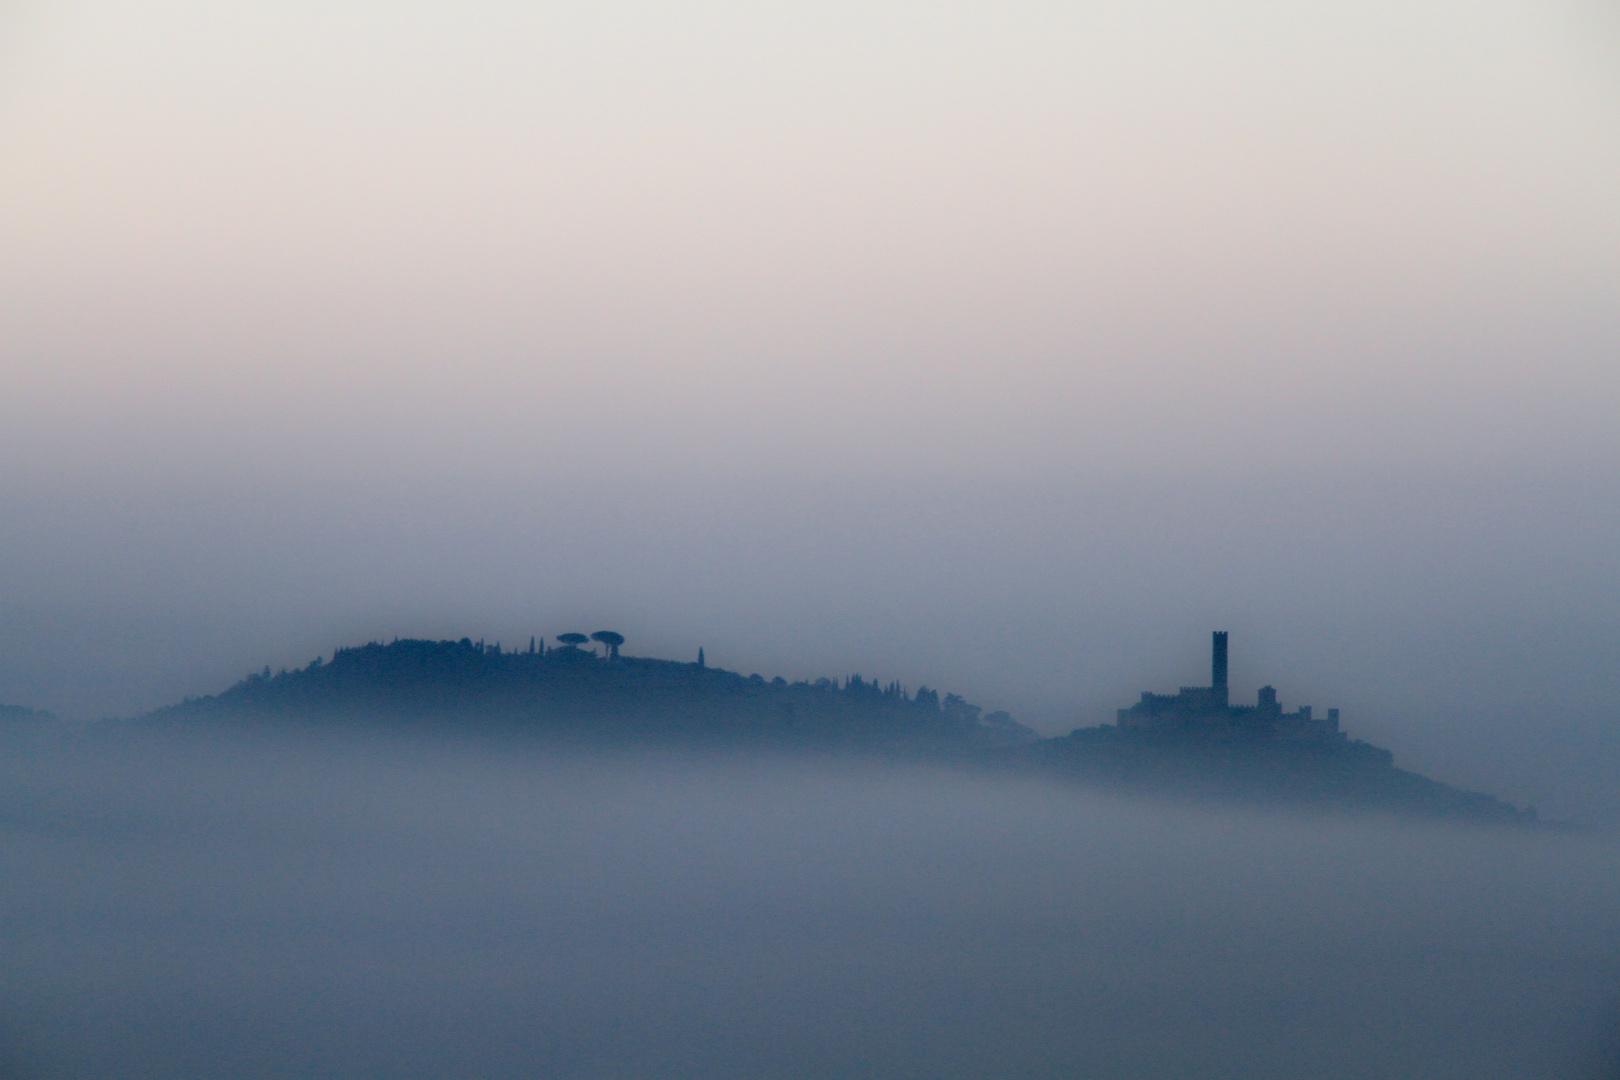 Fog in Castiglion Fiorentino